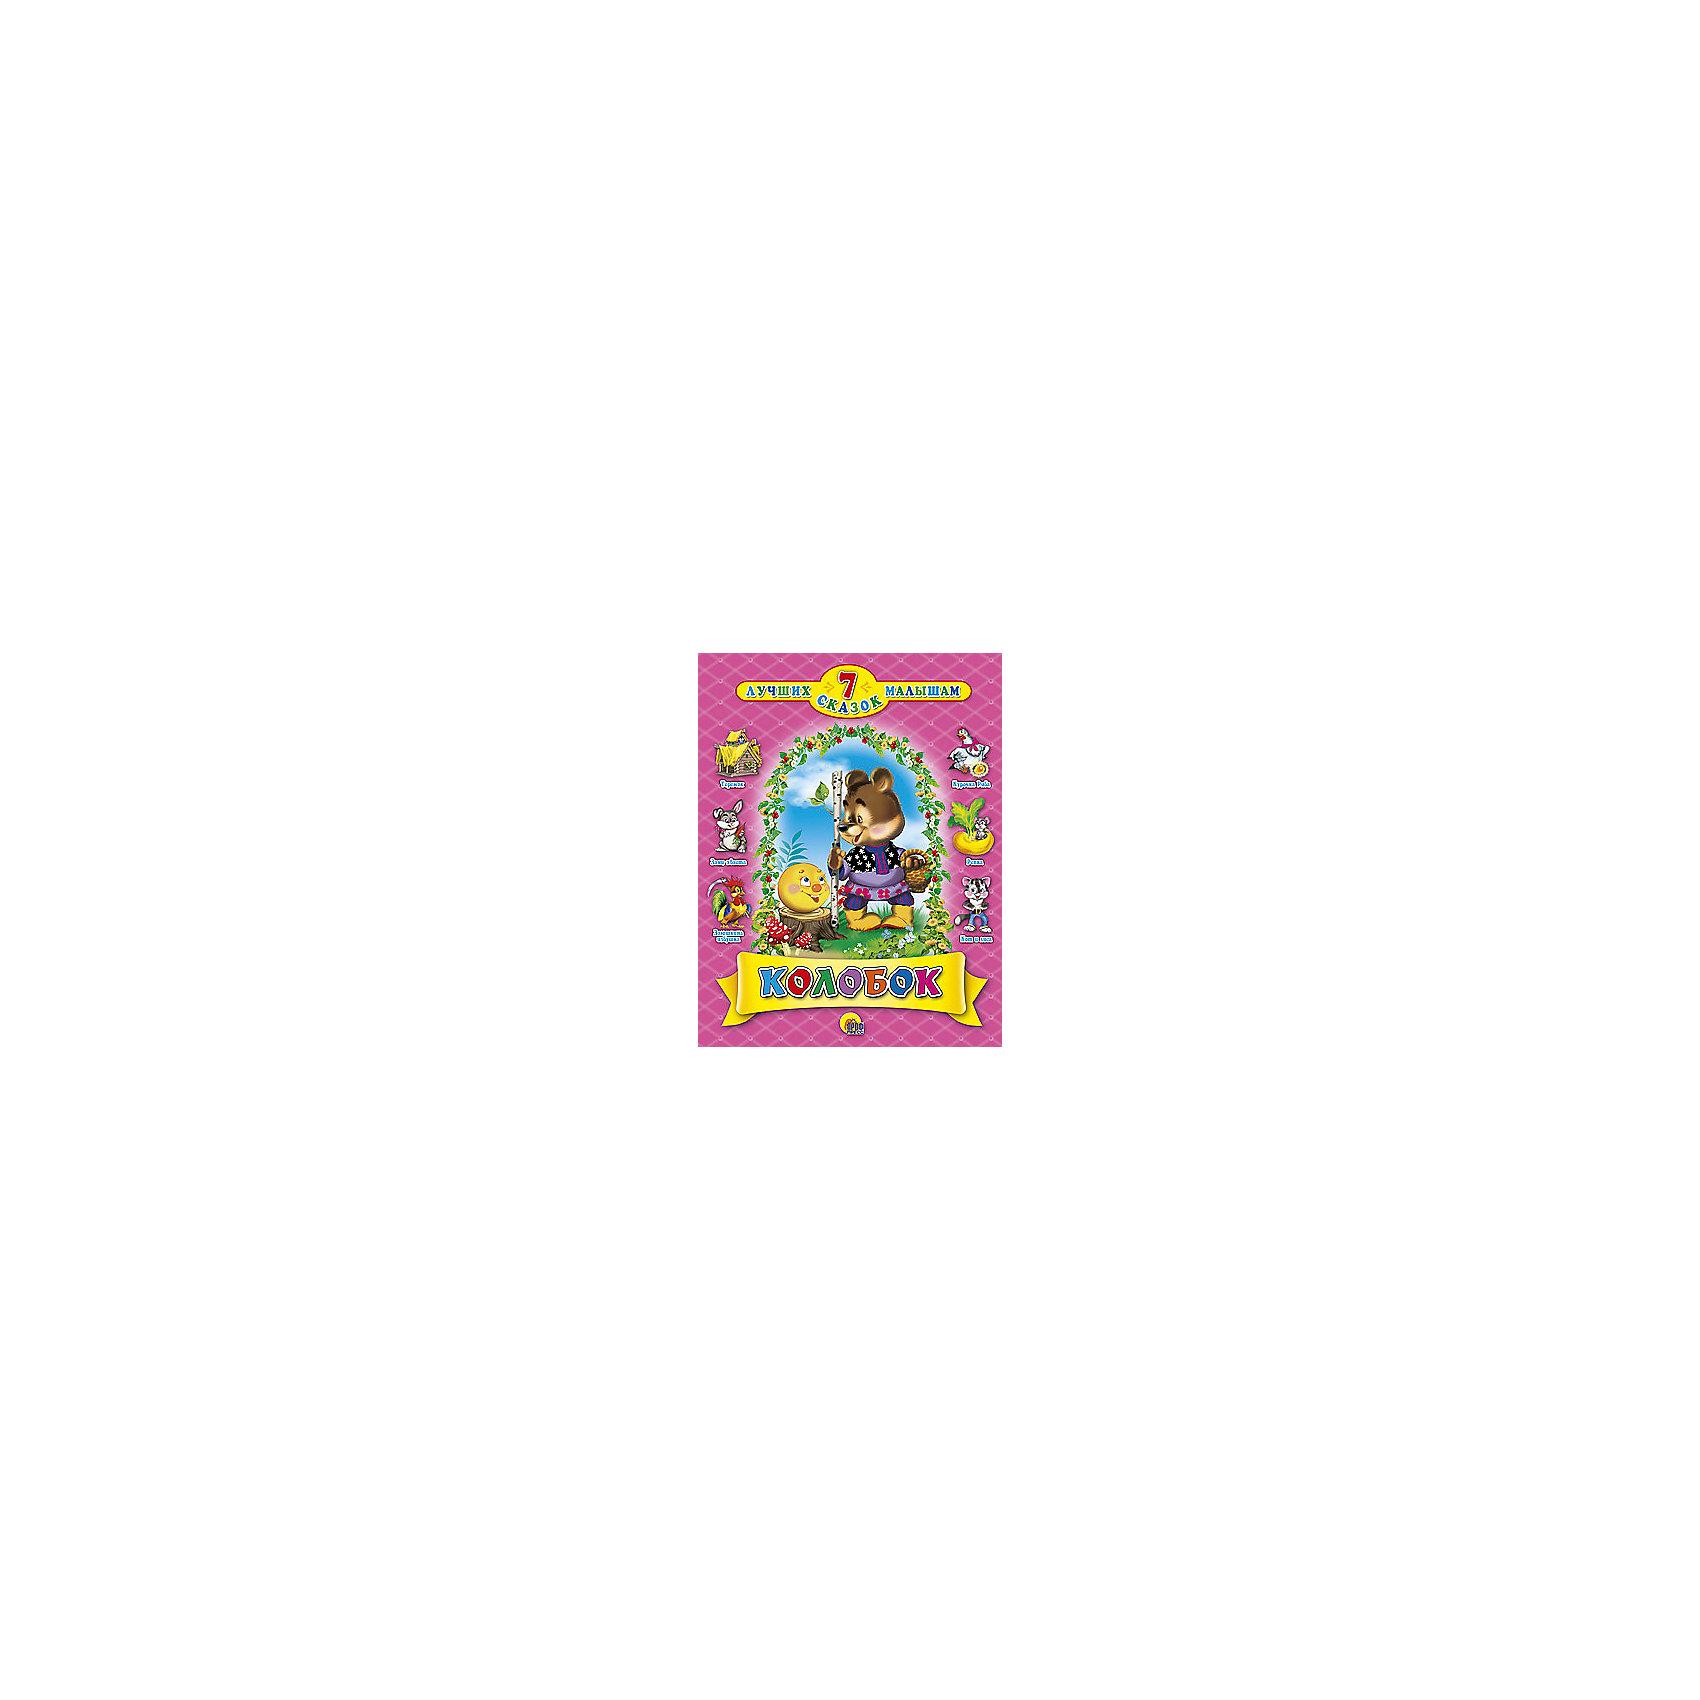 Сборник Колобок, 7 сказокСказки<br>Книга Колобок содержит 7 различных сказок, которые познакомят ребенка с добрыми персонажами всеми любимых произведений. Красочные иллюстрации сделают процесс чтения еще увлекательней. Книга отлично подходит для чтения детям.<br>Содержание: Заяц-хваста, Кот и лиса, Заюшкина избушка, Теремок, Репка, Курочка Ряба, Колобок<br>Дополнительная информация:<br>Издательство: Проф-Пресс<br>Год выпуска: 2016<br>Серия: 7 лучших сказок малышам<br>Обложка: твердый переплет<br>Иллюстрации: цветные<br>Количество страниц: 80<br>ISBN:978-5-378-02664-7<br>Размер: 25,5х1х20 см<br>Вес: 310 грамм<br>Книгу Колобок можно купить в нашем интернет-магазине.<br><br>Ширина мм: 200<br>Глубина мм: 10<br>Высота мм: 255<br>Вес г: 310<br>Возраст от месяцев: 0<br>Возраст до месяцев: 36<br>Пол: Унисекс<br>Возраст: Детский<br>SKU: 4905873